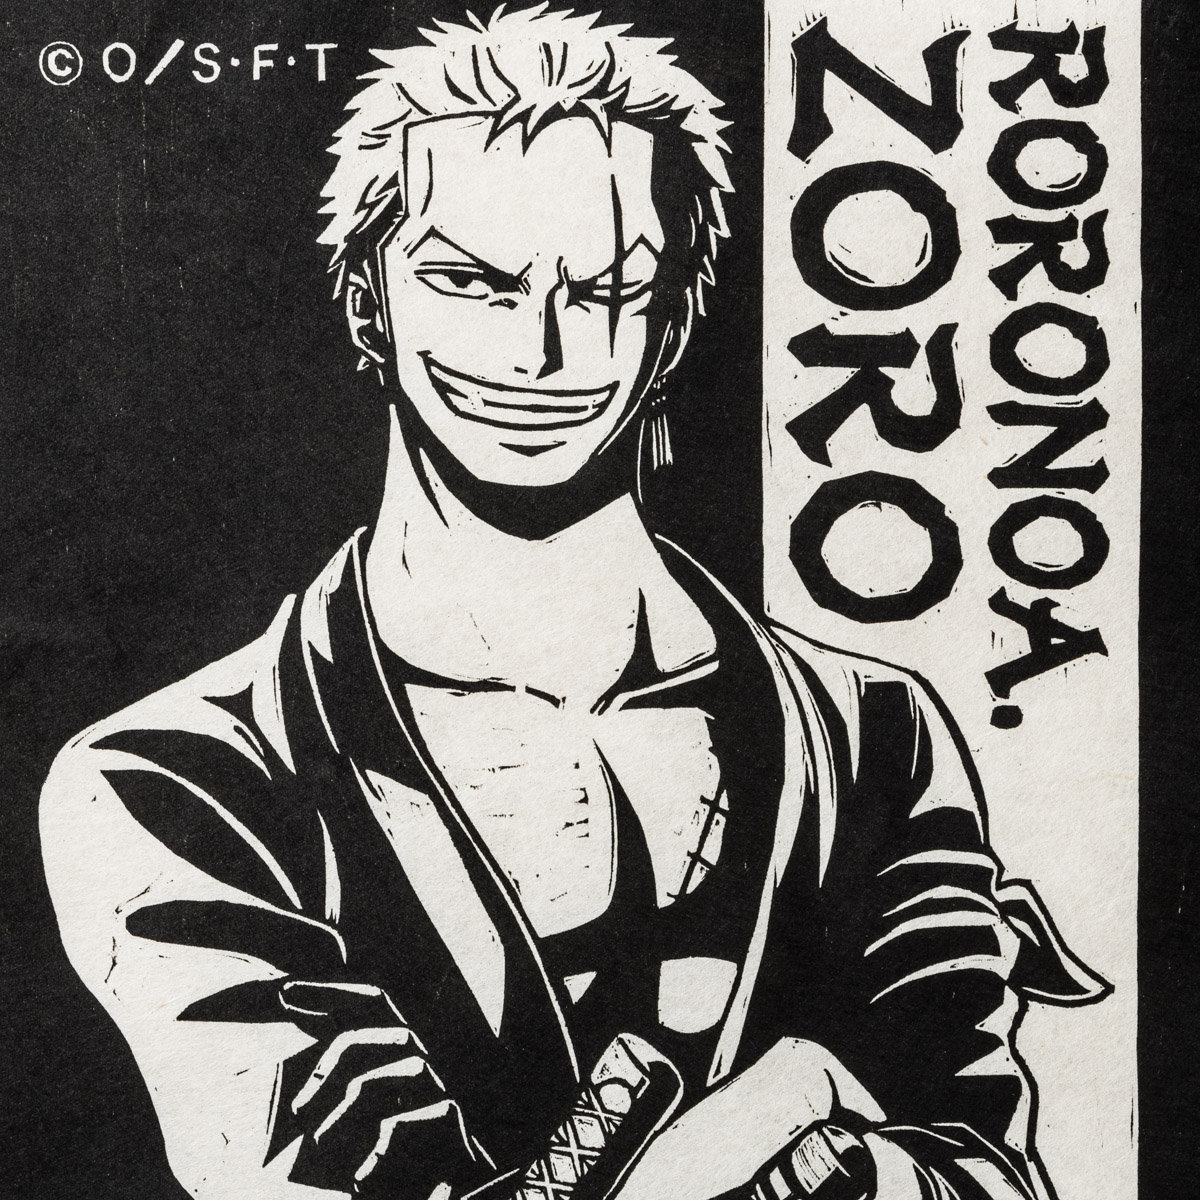 12月発売 200枚限定 ワンピース木版画コレクション 5th ロロノア